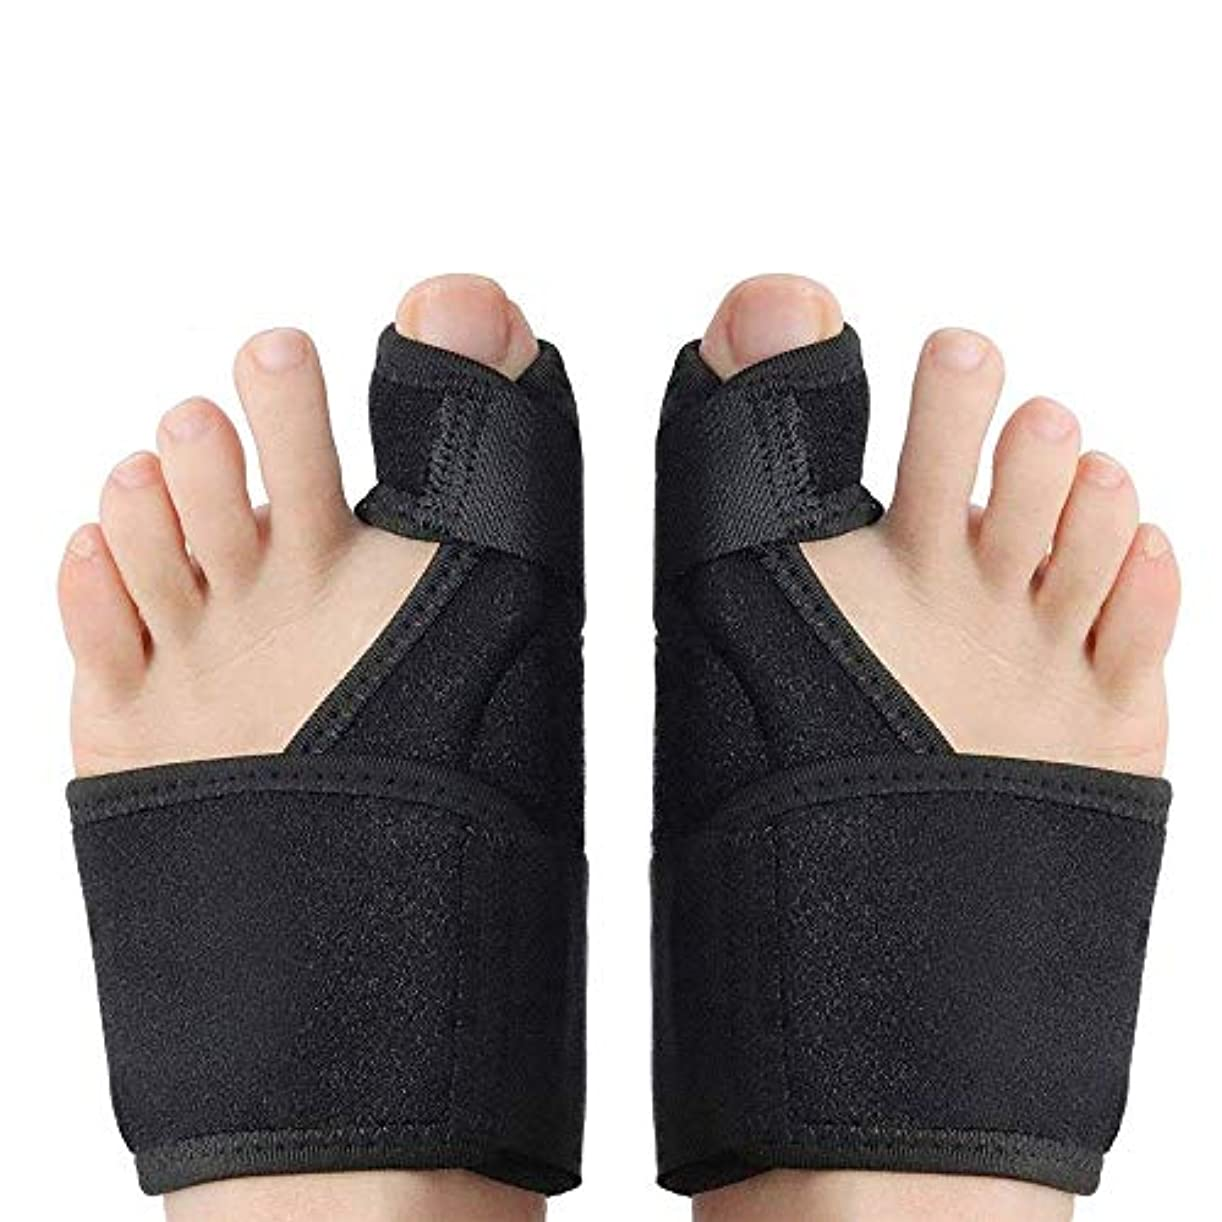 見物人敬の念探偵腱膜矯正および腱膜弛緩整形外科のつま先ストレイテナー御馳走して外反母趾装具快適な外反ベルトアップグレードパッケージ